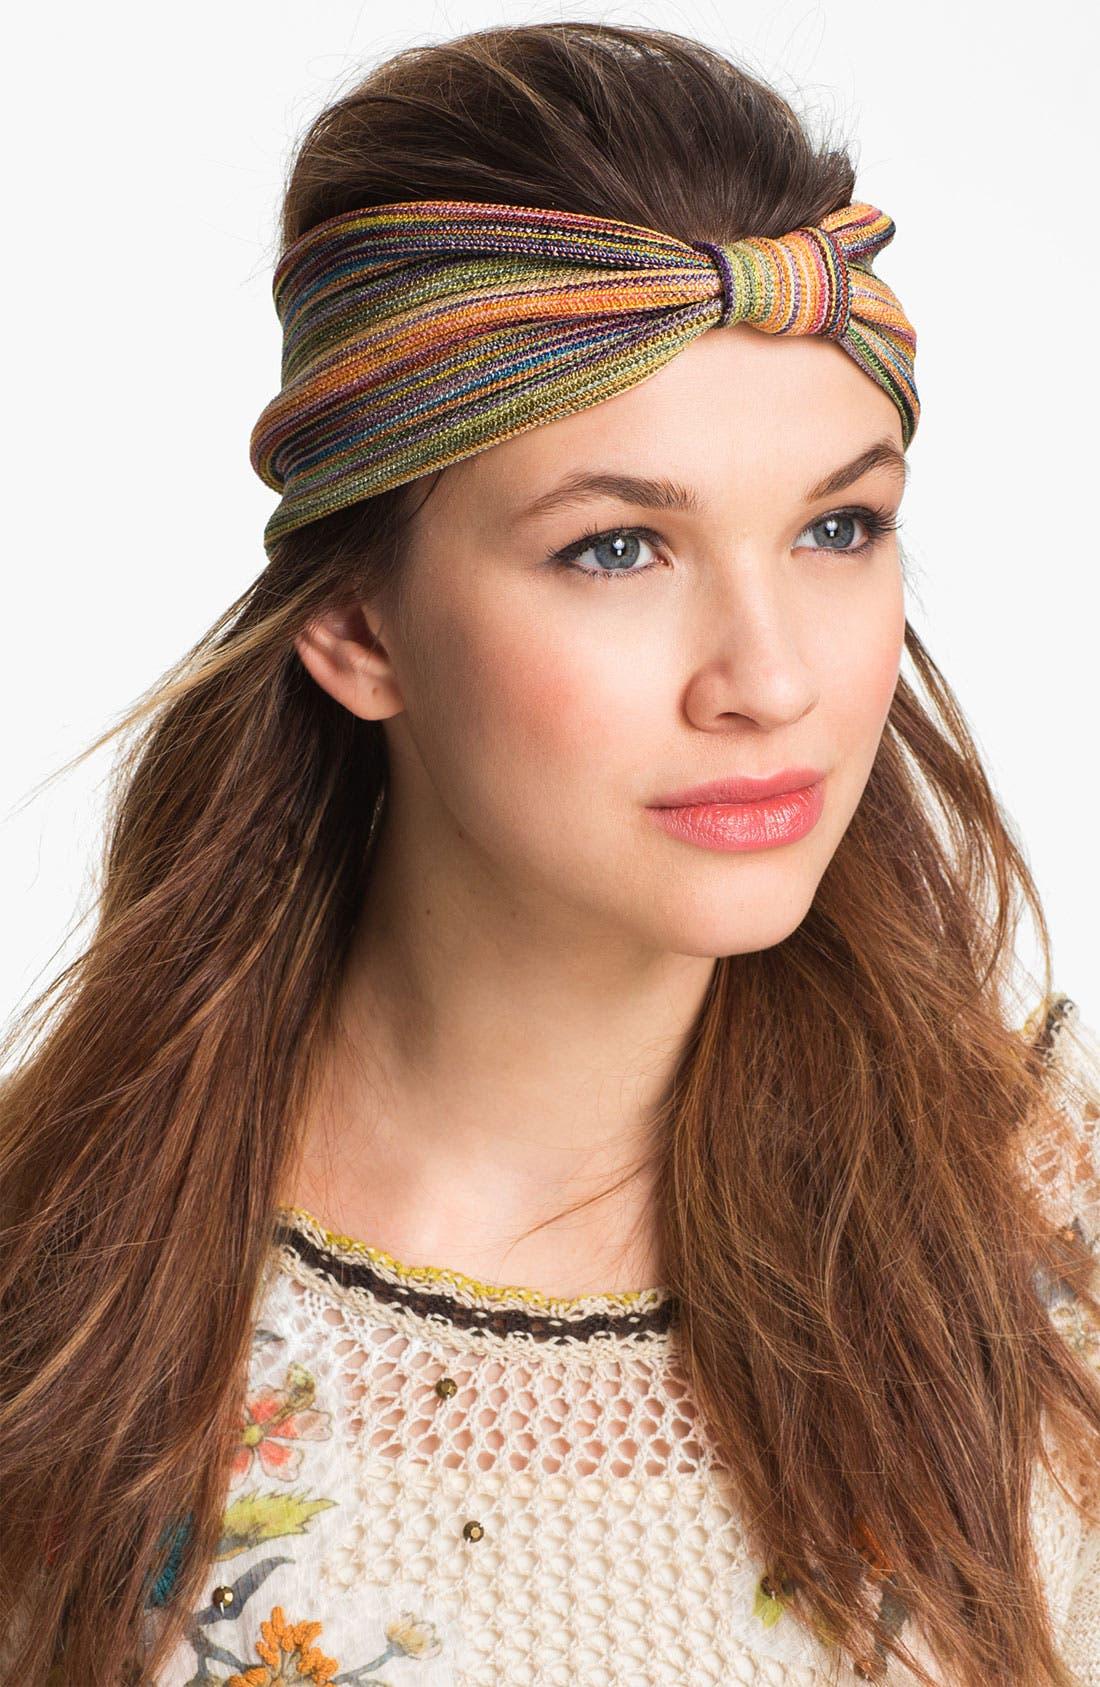 Alternate Image 1 Selected - Tasha 'Desert Sands' Head Wrap